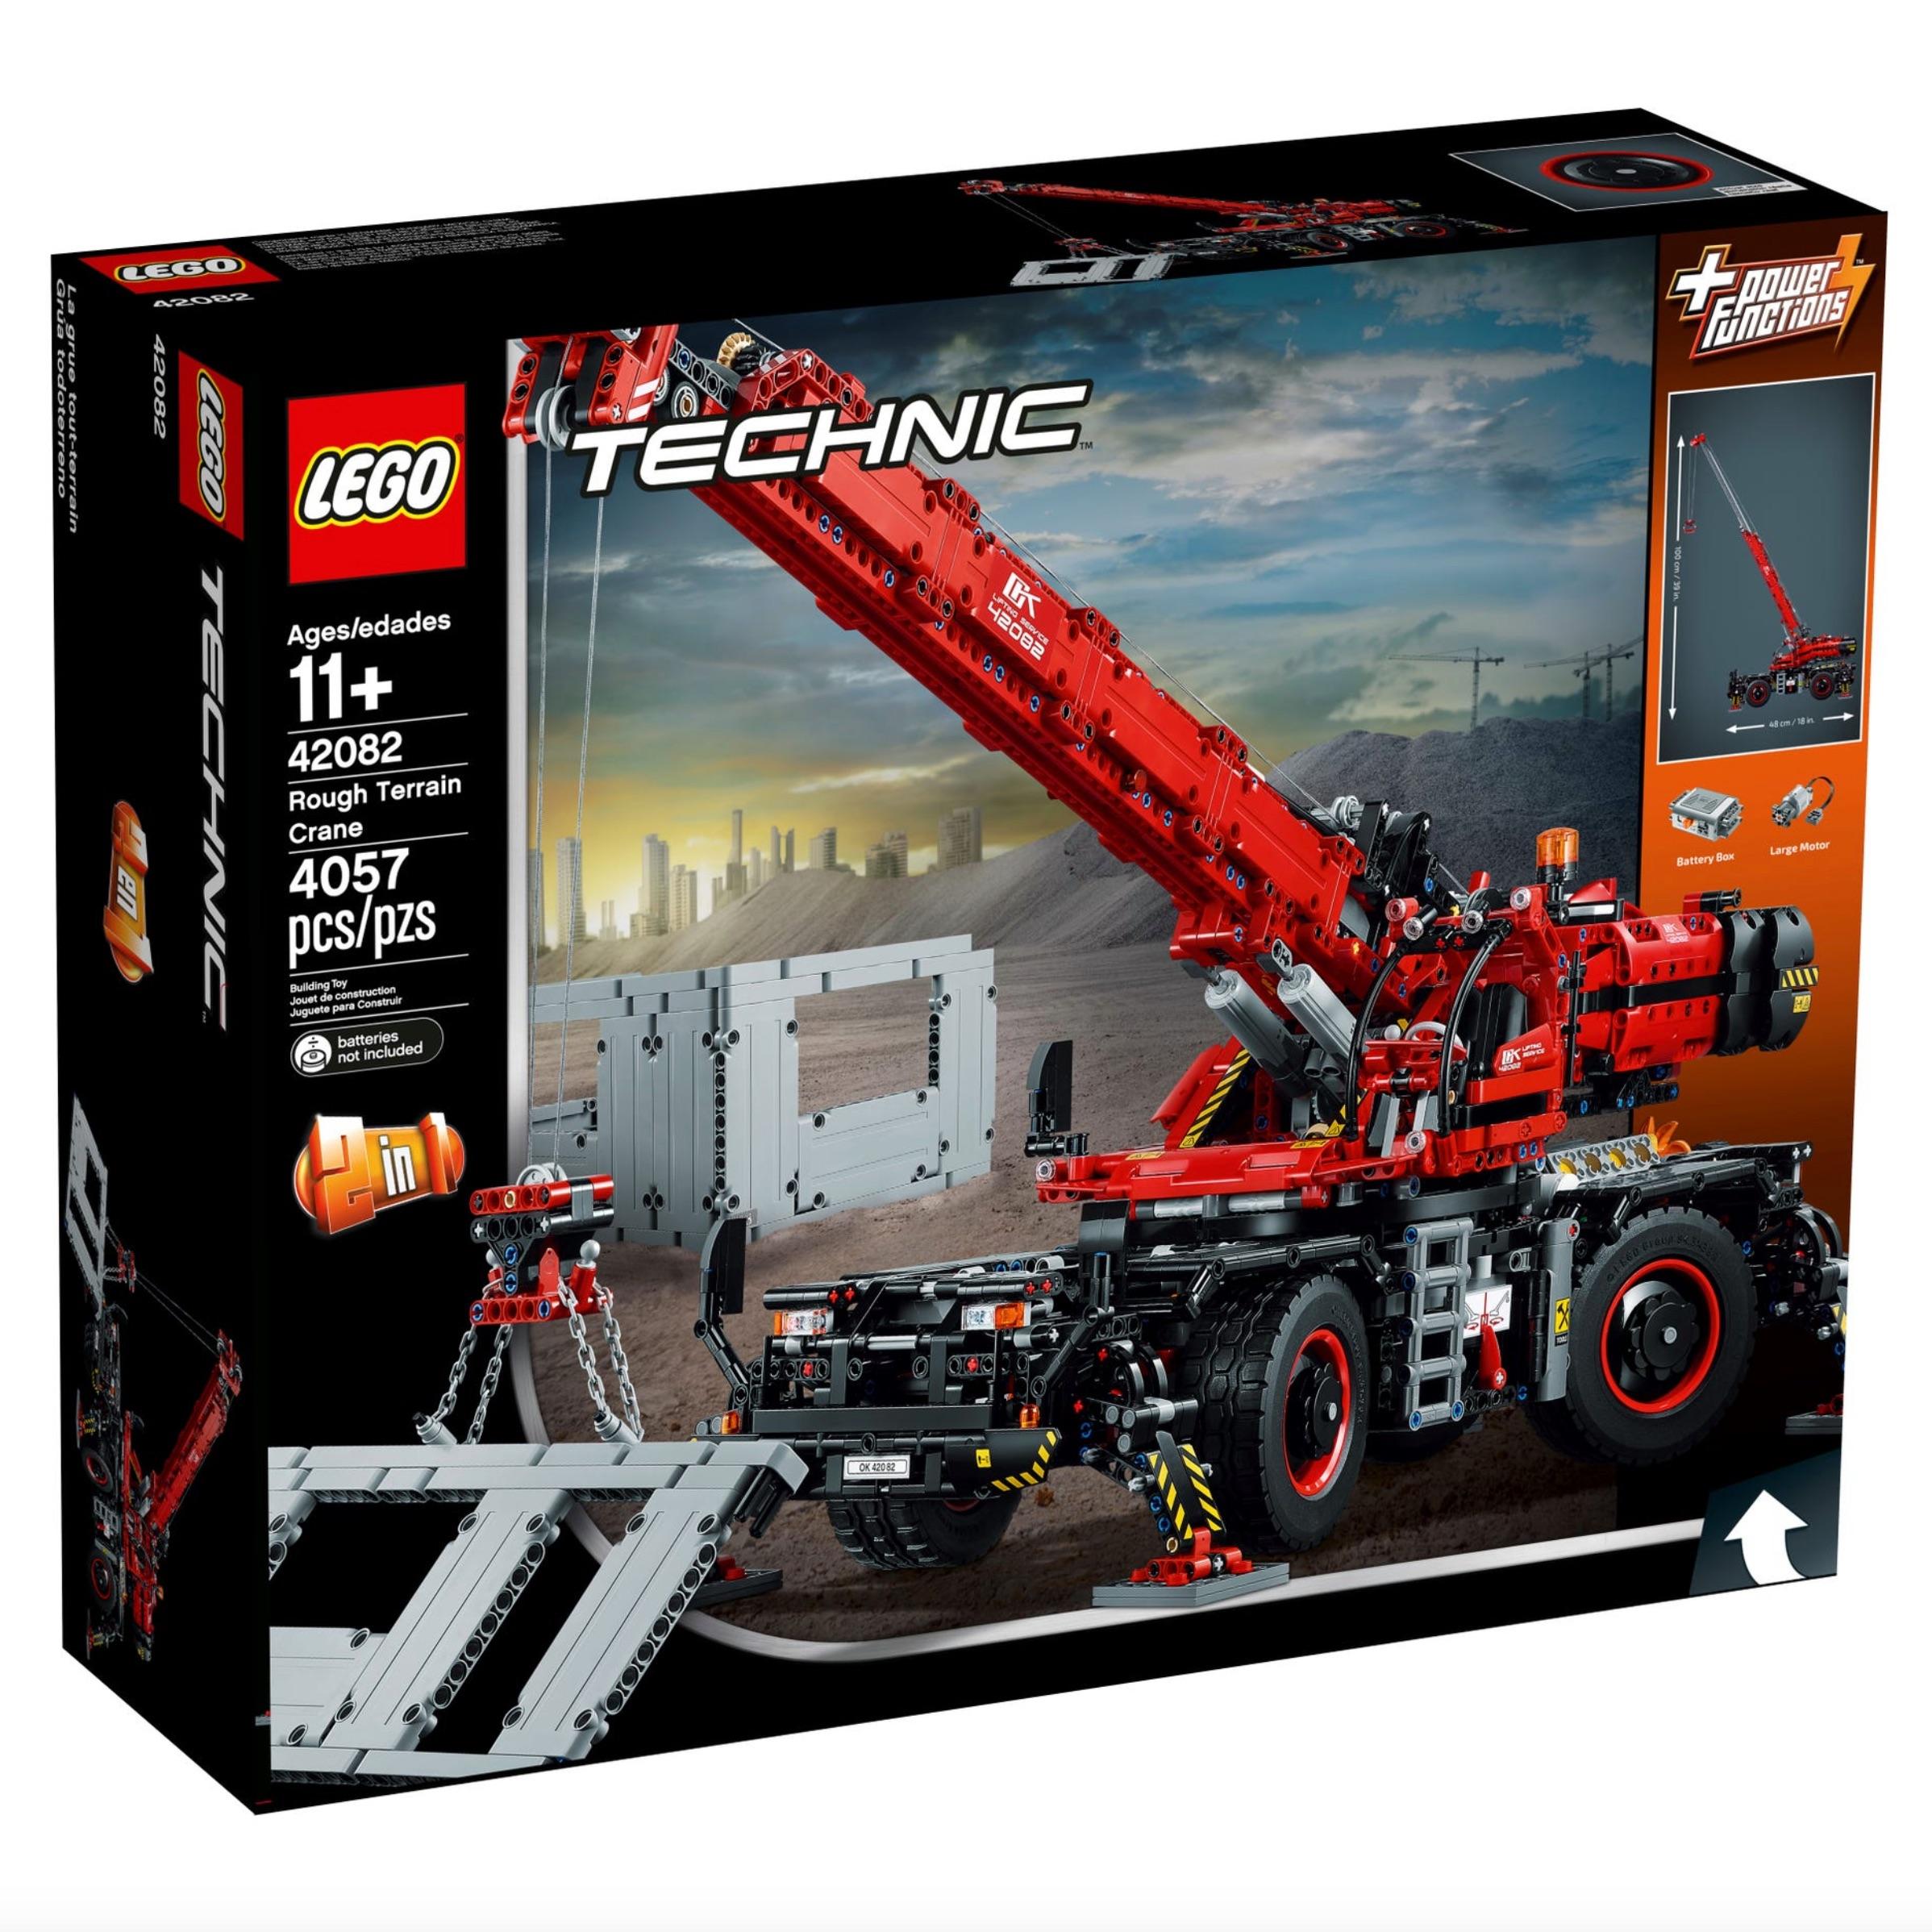 LEGO Technic 42082 Rough Terrain Crane